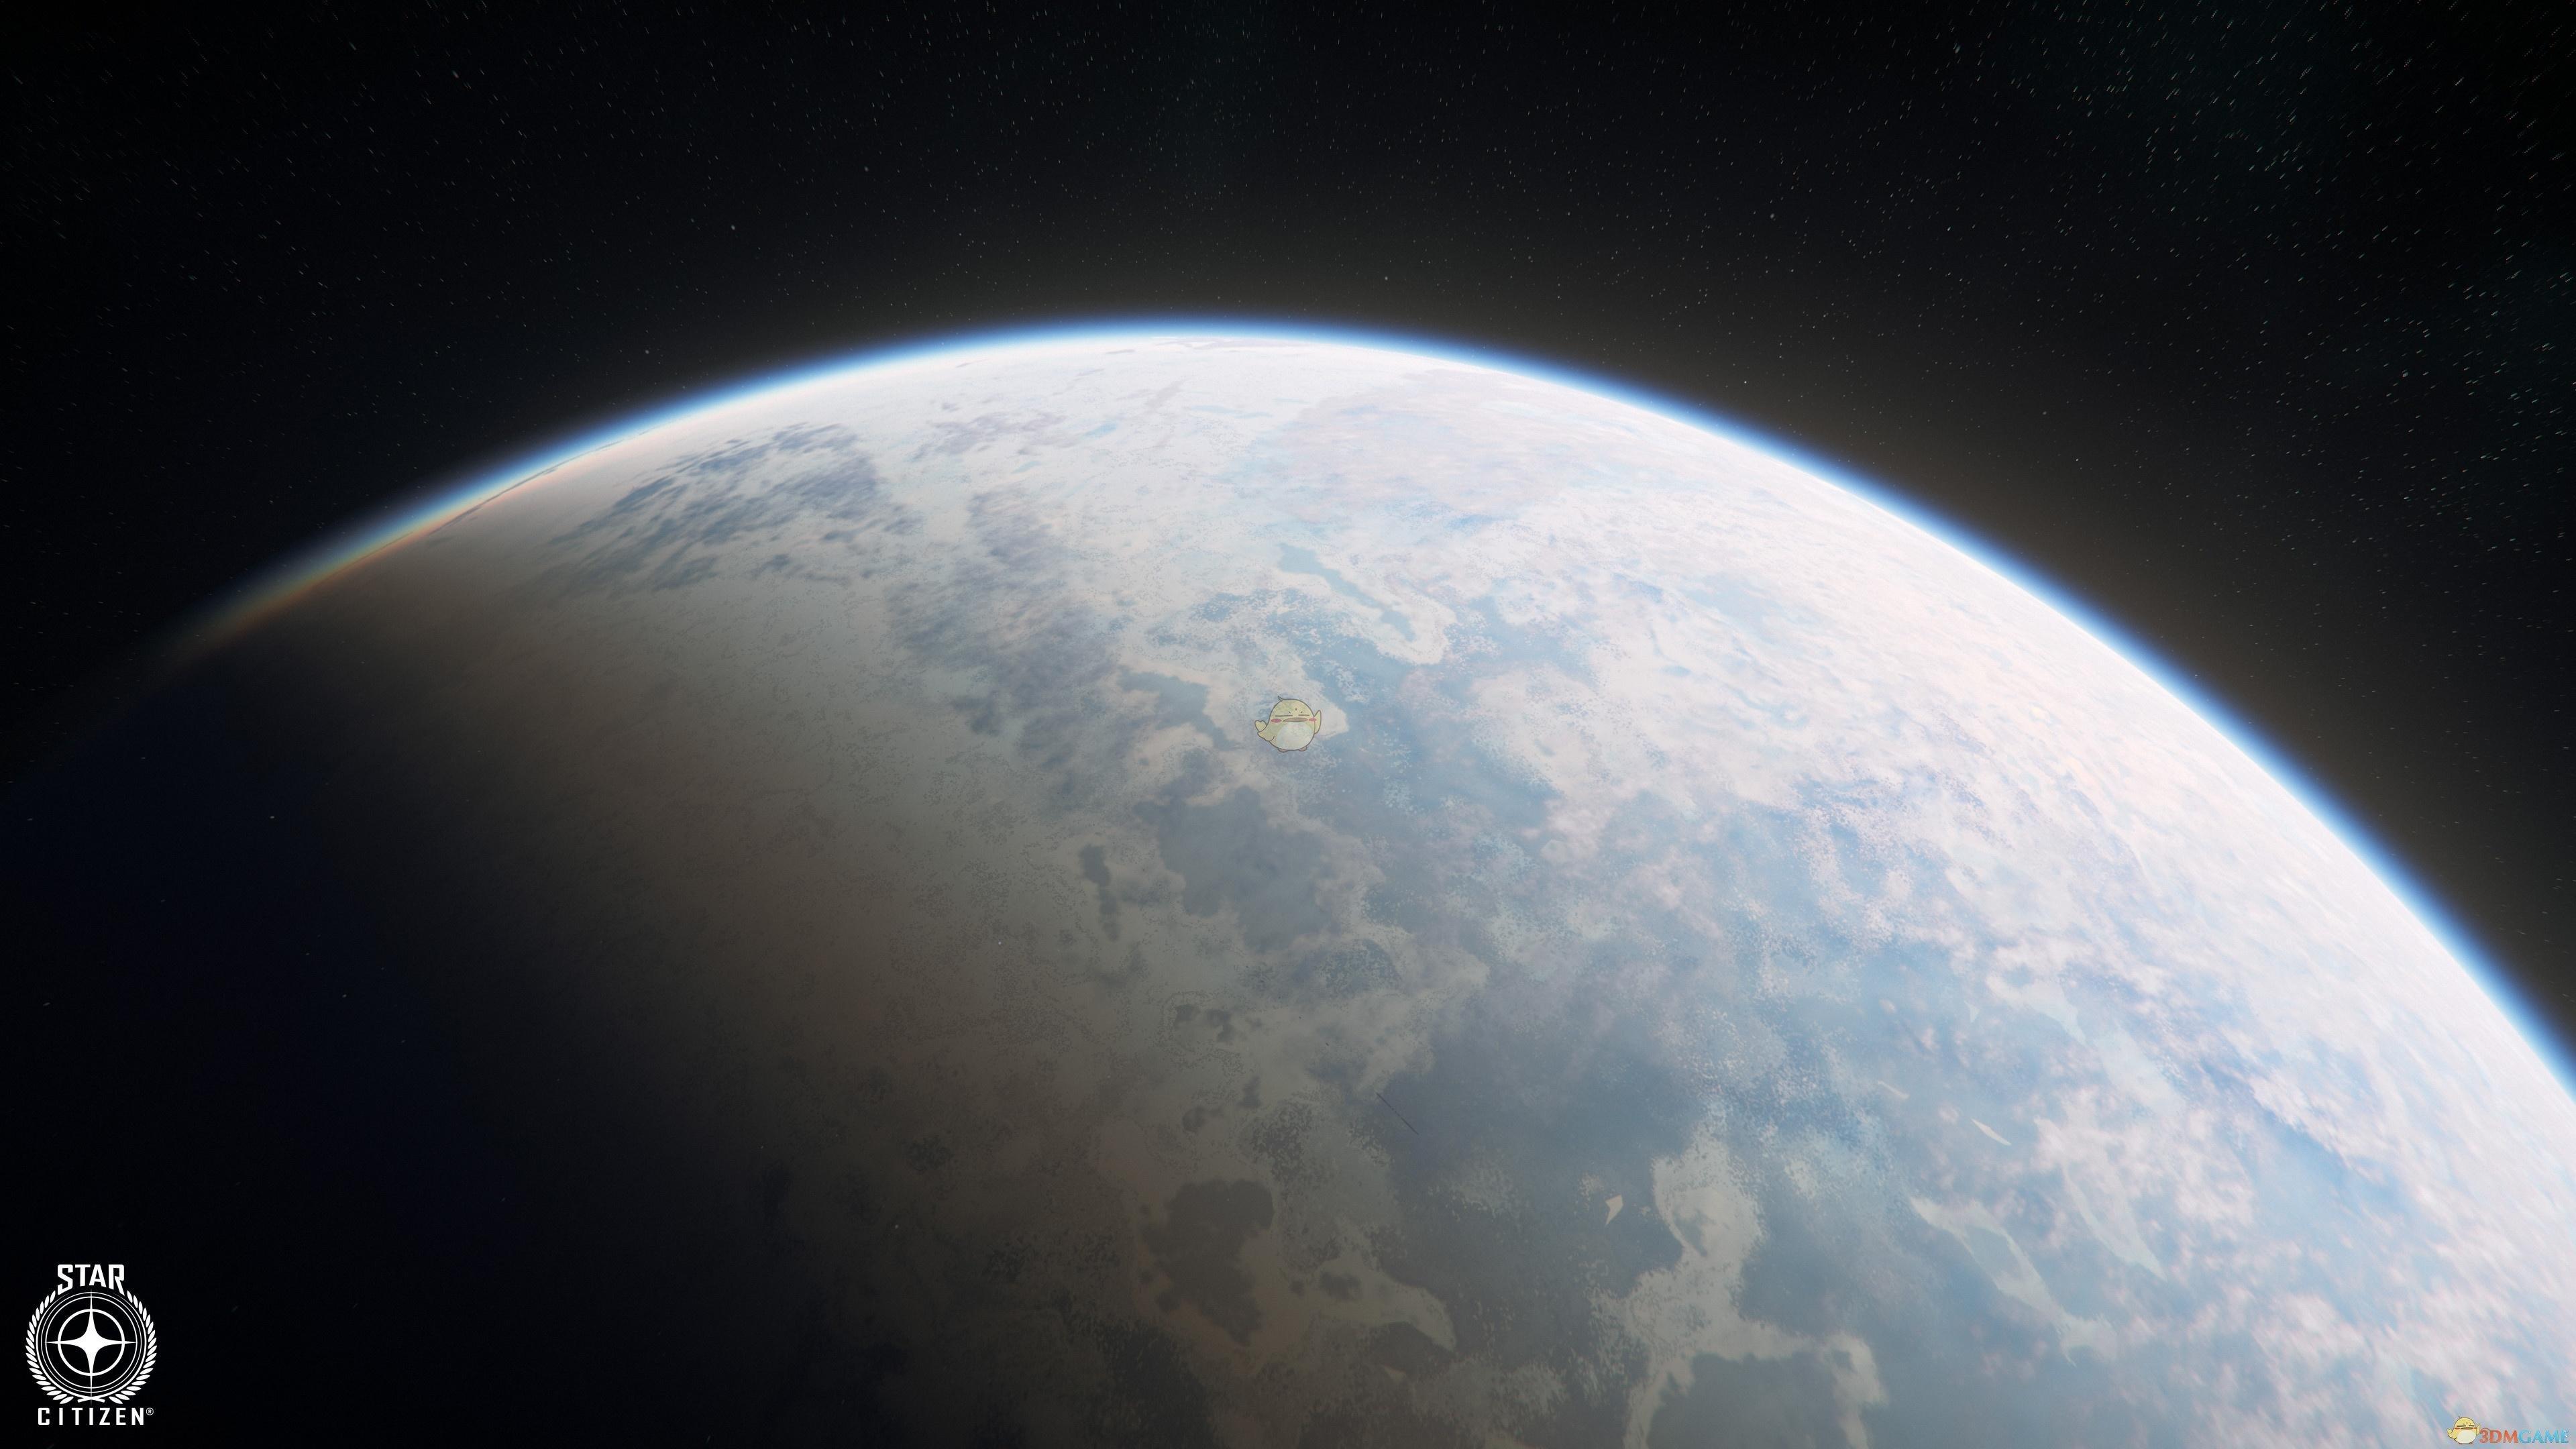 《星际公民》微科星旅游指南分享